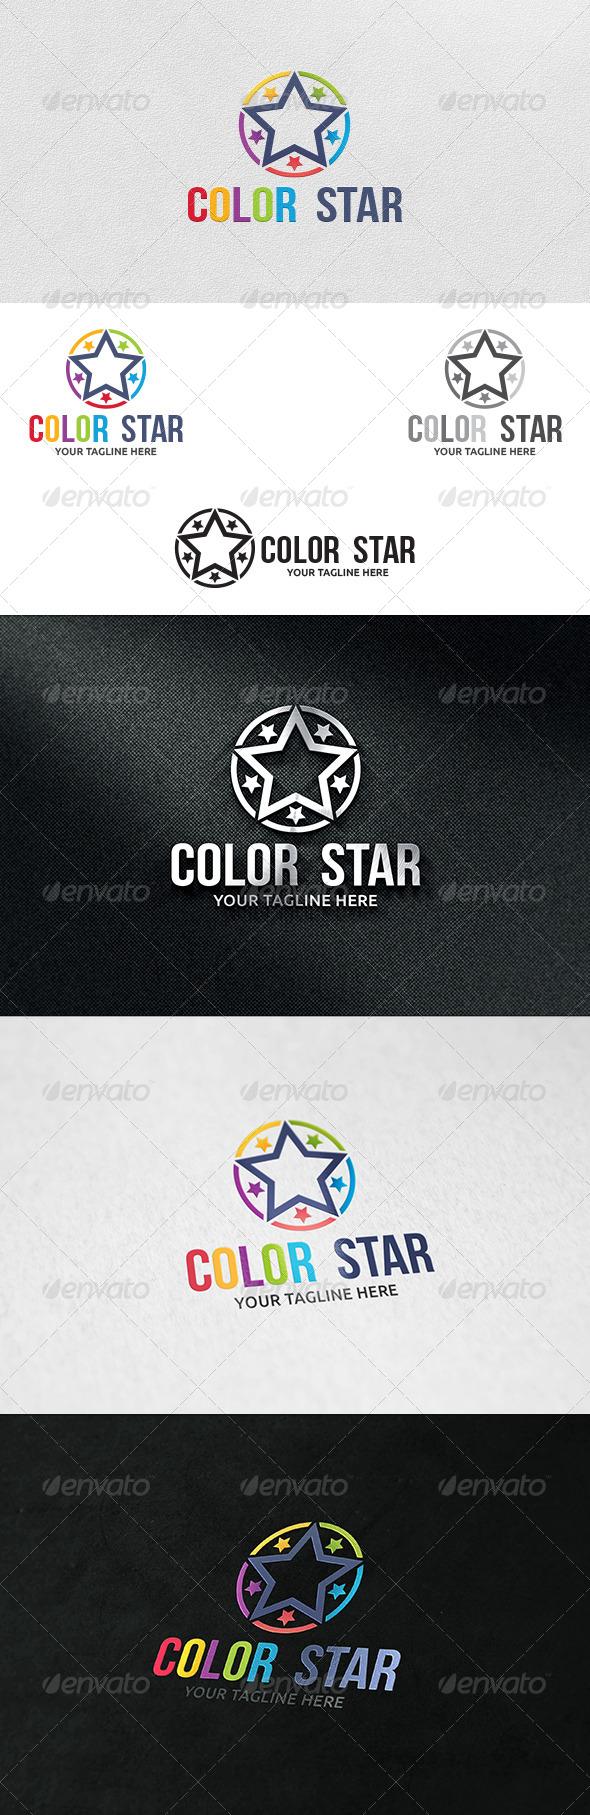 Color Creative - Logo Template - Vector Abstract